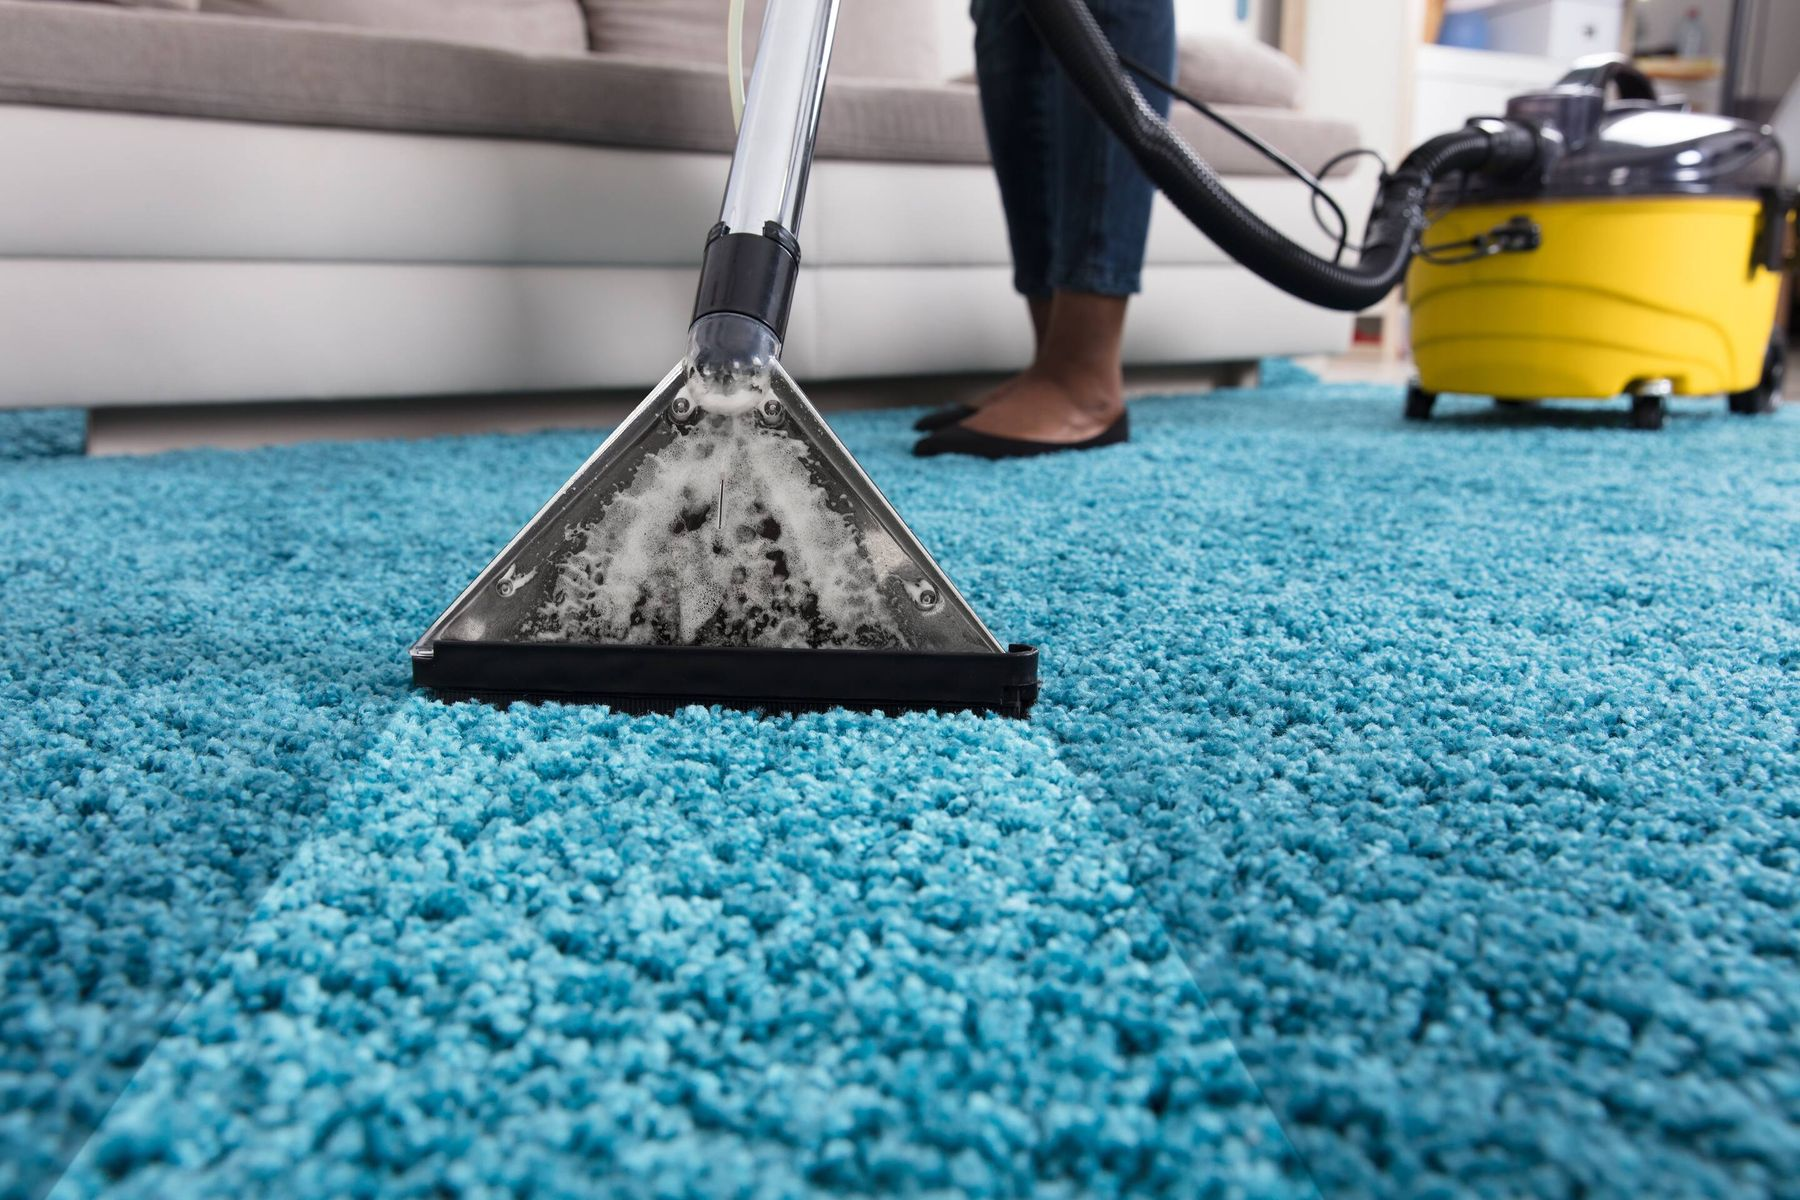 dọn dẹp nhà cửa nhanh nhất